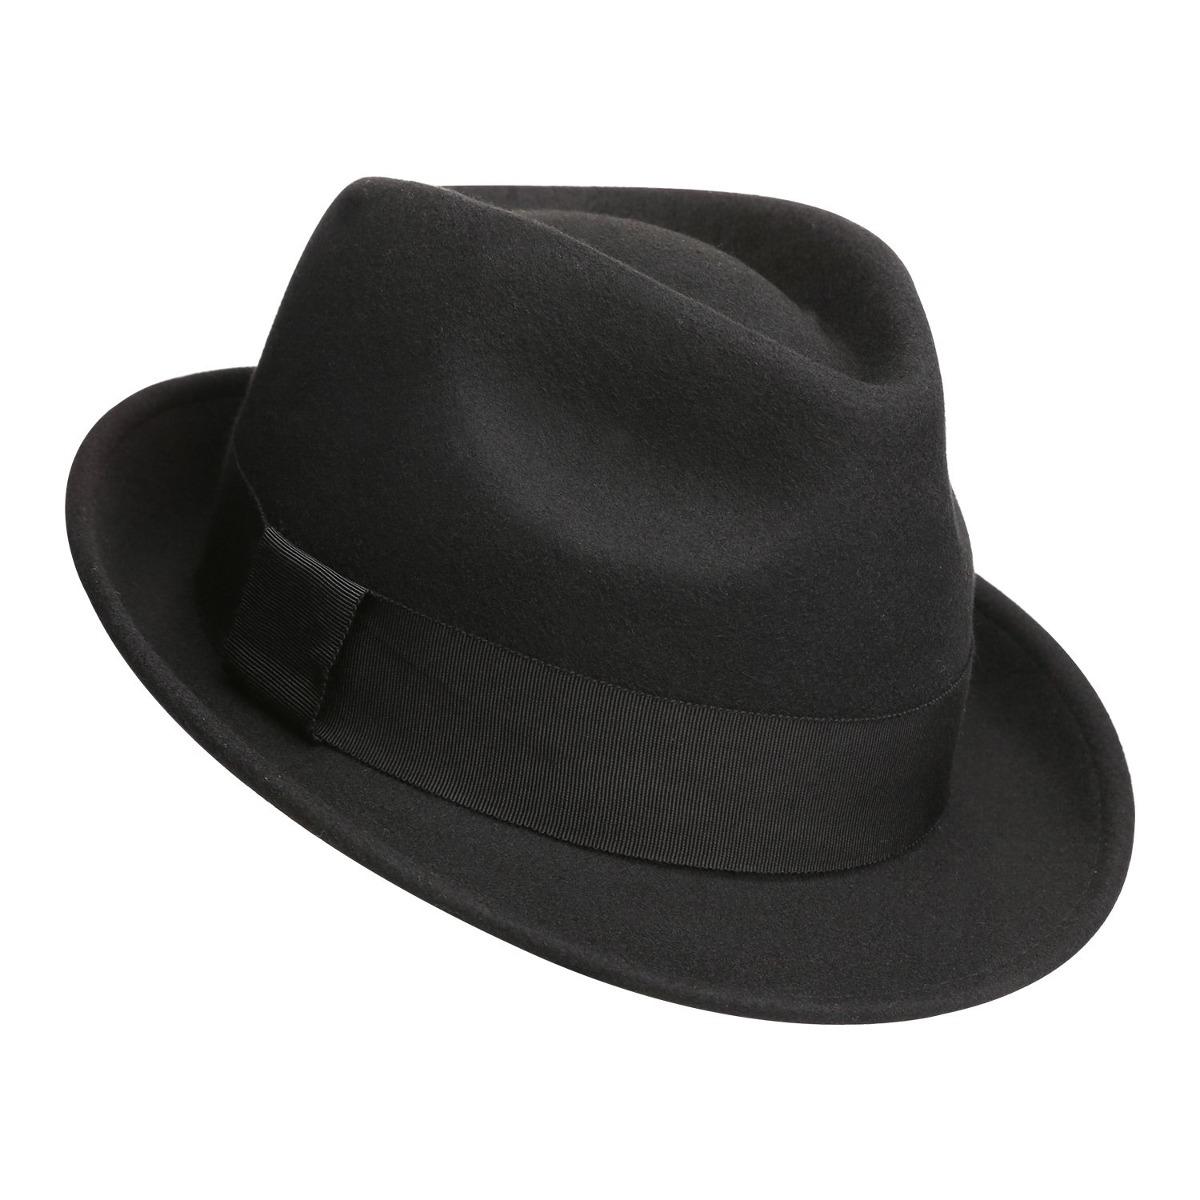 Sedancasesa Sombrero Fedora Fedora Para Hombre Sombreros. - U S 68 ... 17ae3a2f013